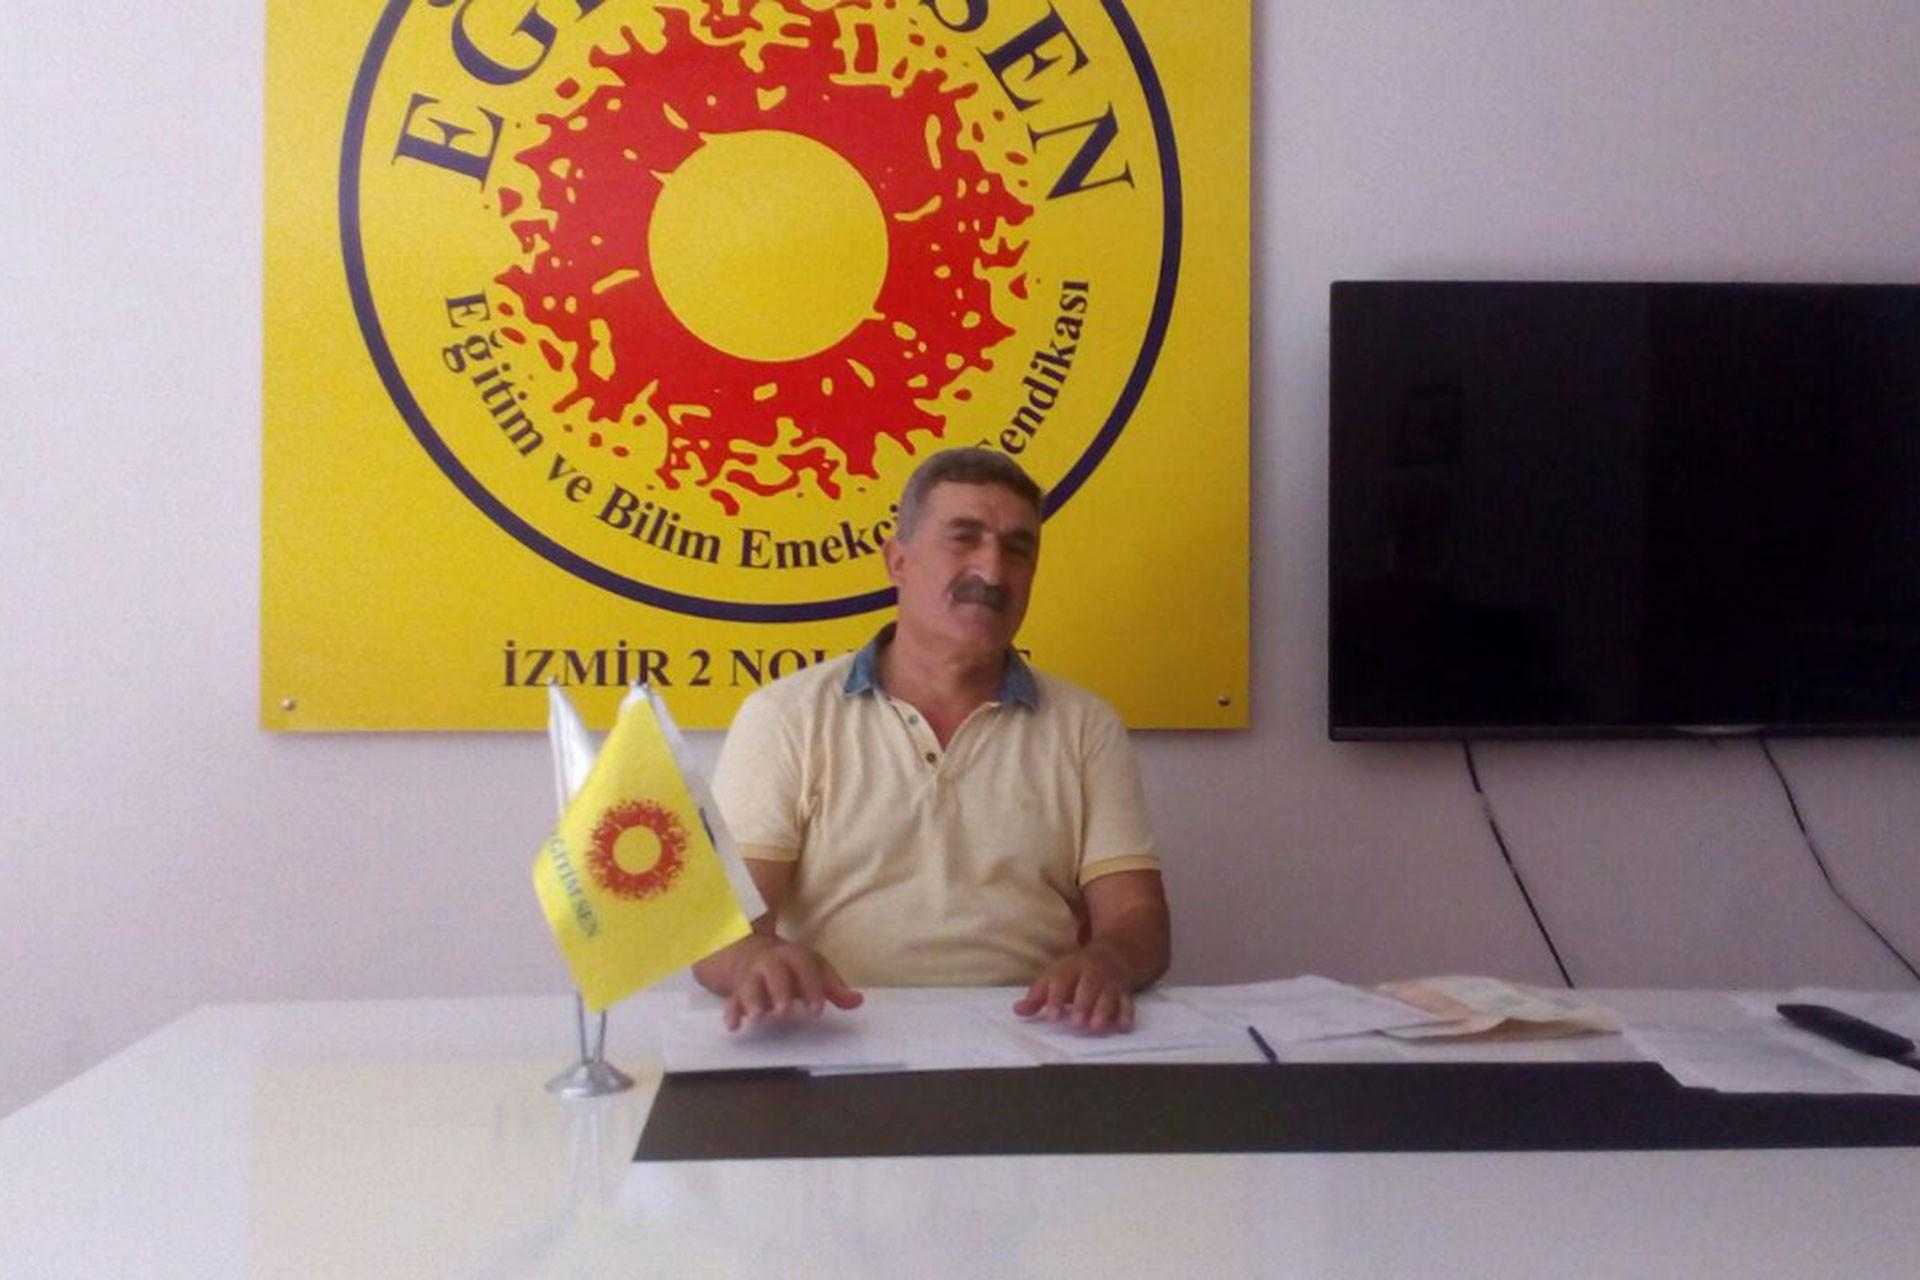 İzmir'de kamu emekçilerinin uluslararası sendikal faaliyetine pasaport engeli